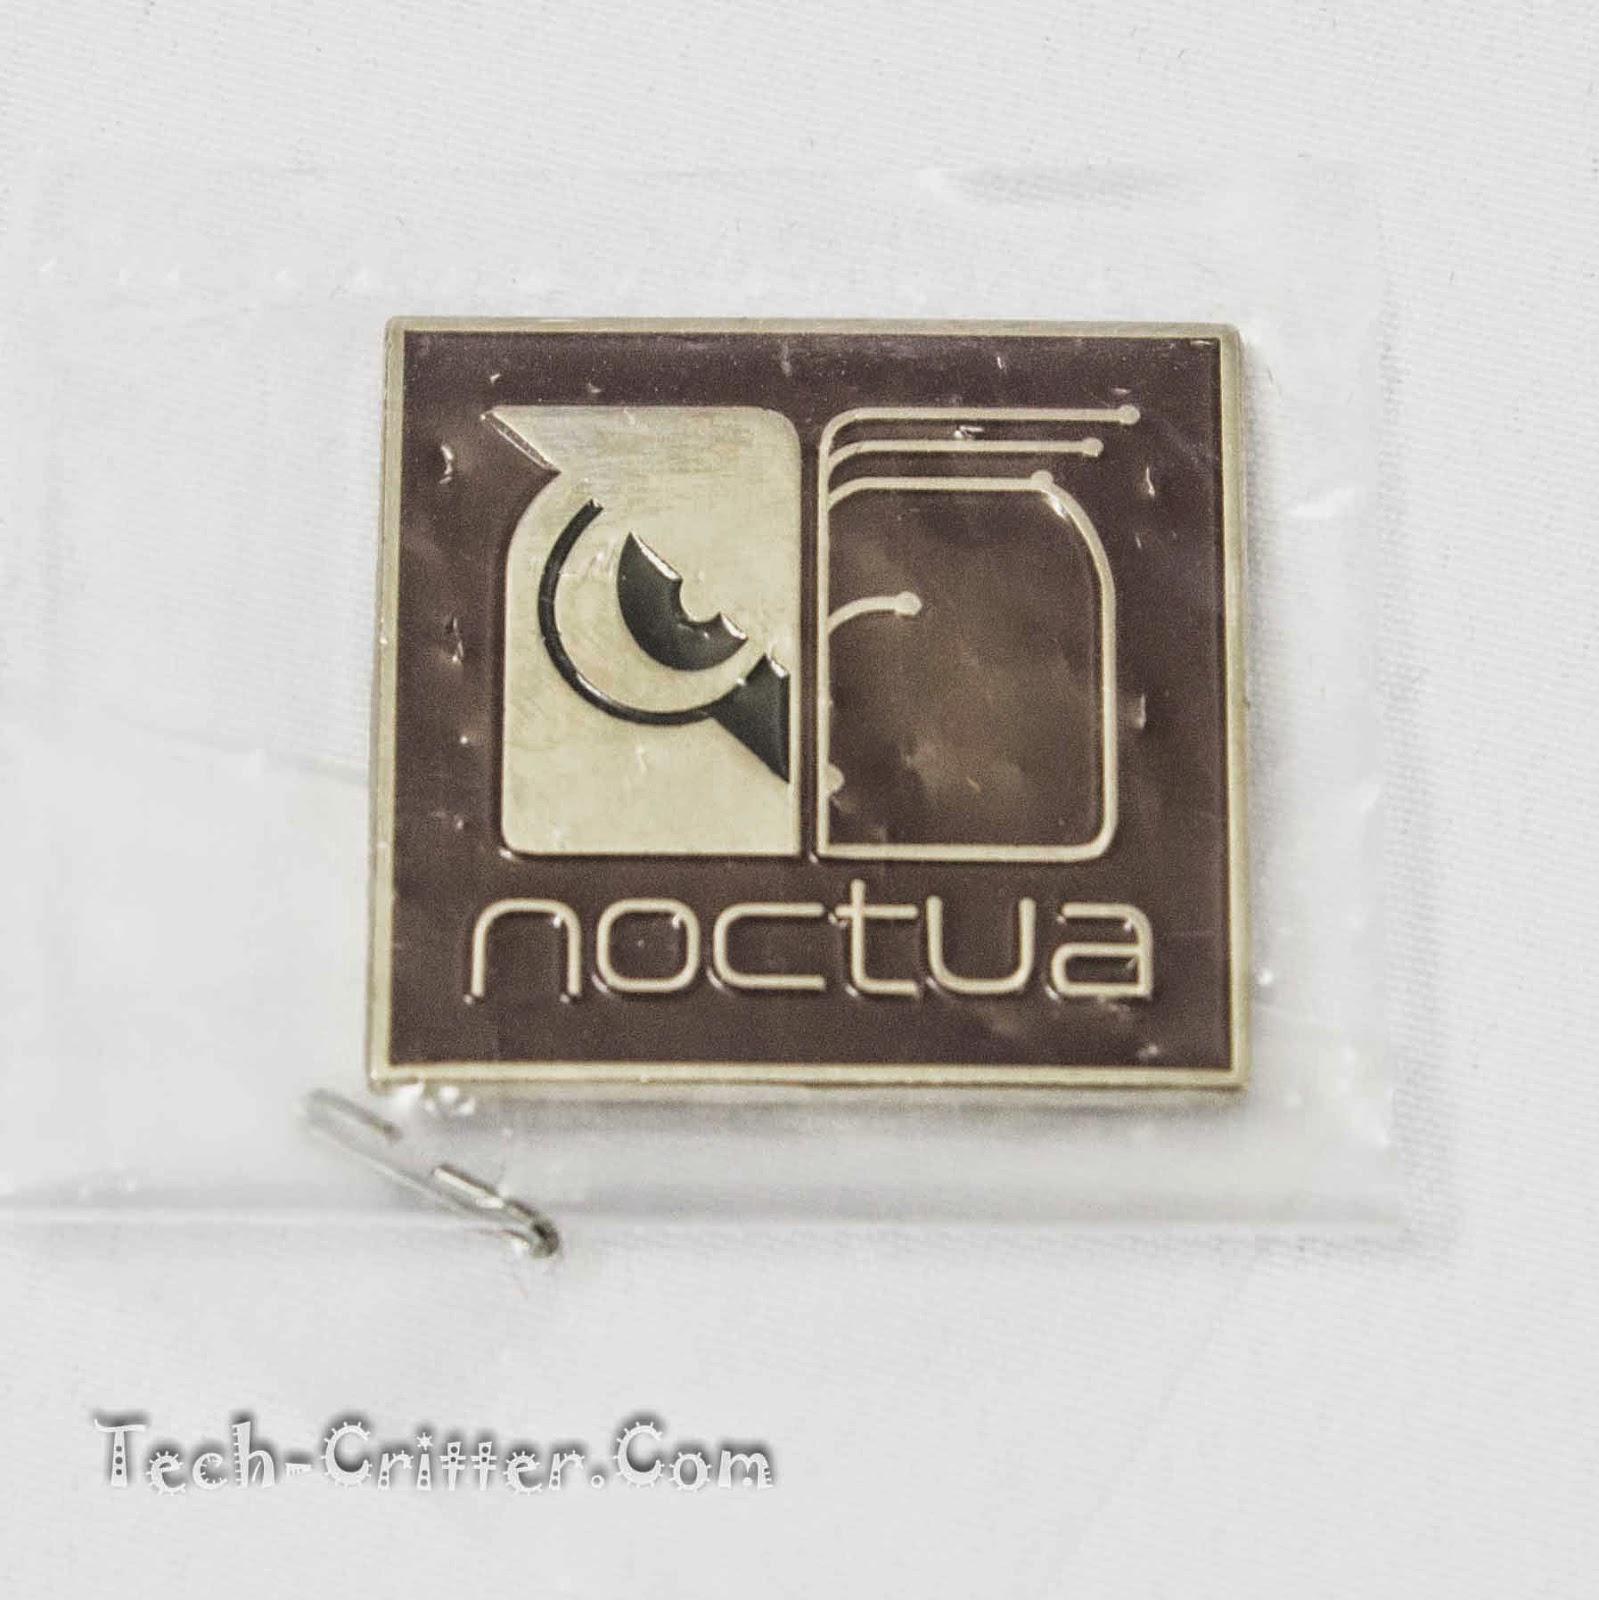 Unboxing & Review: Noctua NH-D15 95